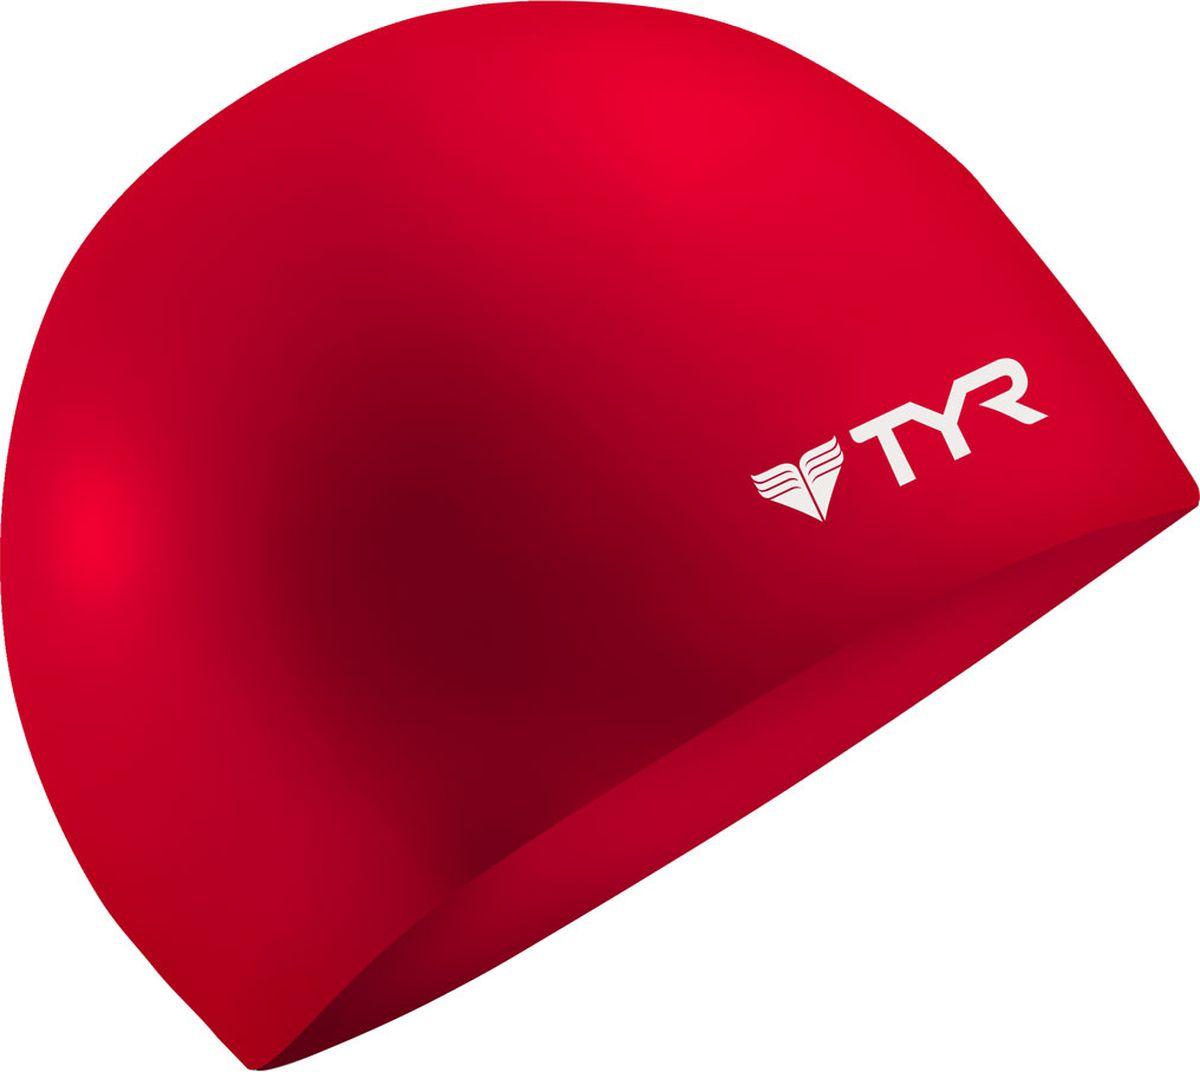 Шапочка для плавания Tyr Wrinkle Free Silicone Cap, цвет: красный. LCSLCSСиликоновая шапочка TYR Wrinkle Free – изготовлена из высококачественного материала устойчивого к воздействию хлорированной воды, что гарантирует долгий срок службы. Материал шапочки не вызывает раздражения кожи и других аллергических реакций. Прекрасный вариант для тренировок в бассейне.